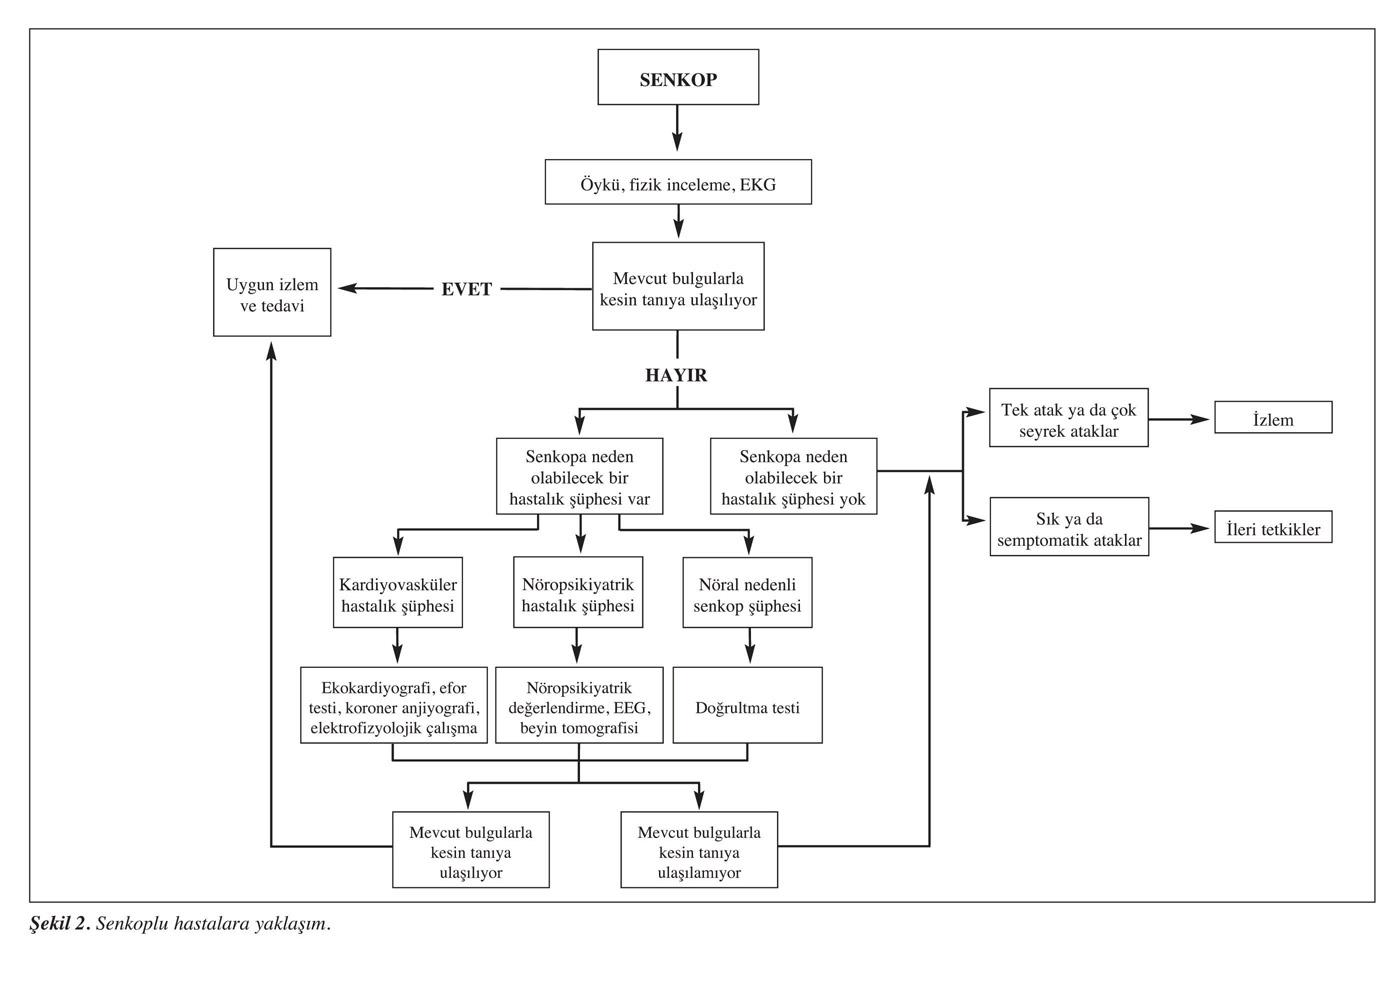 Senkop hastalığının tanı ve tetkikleri